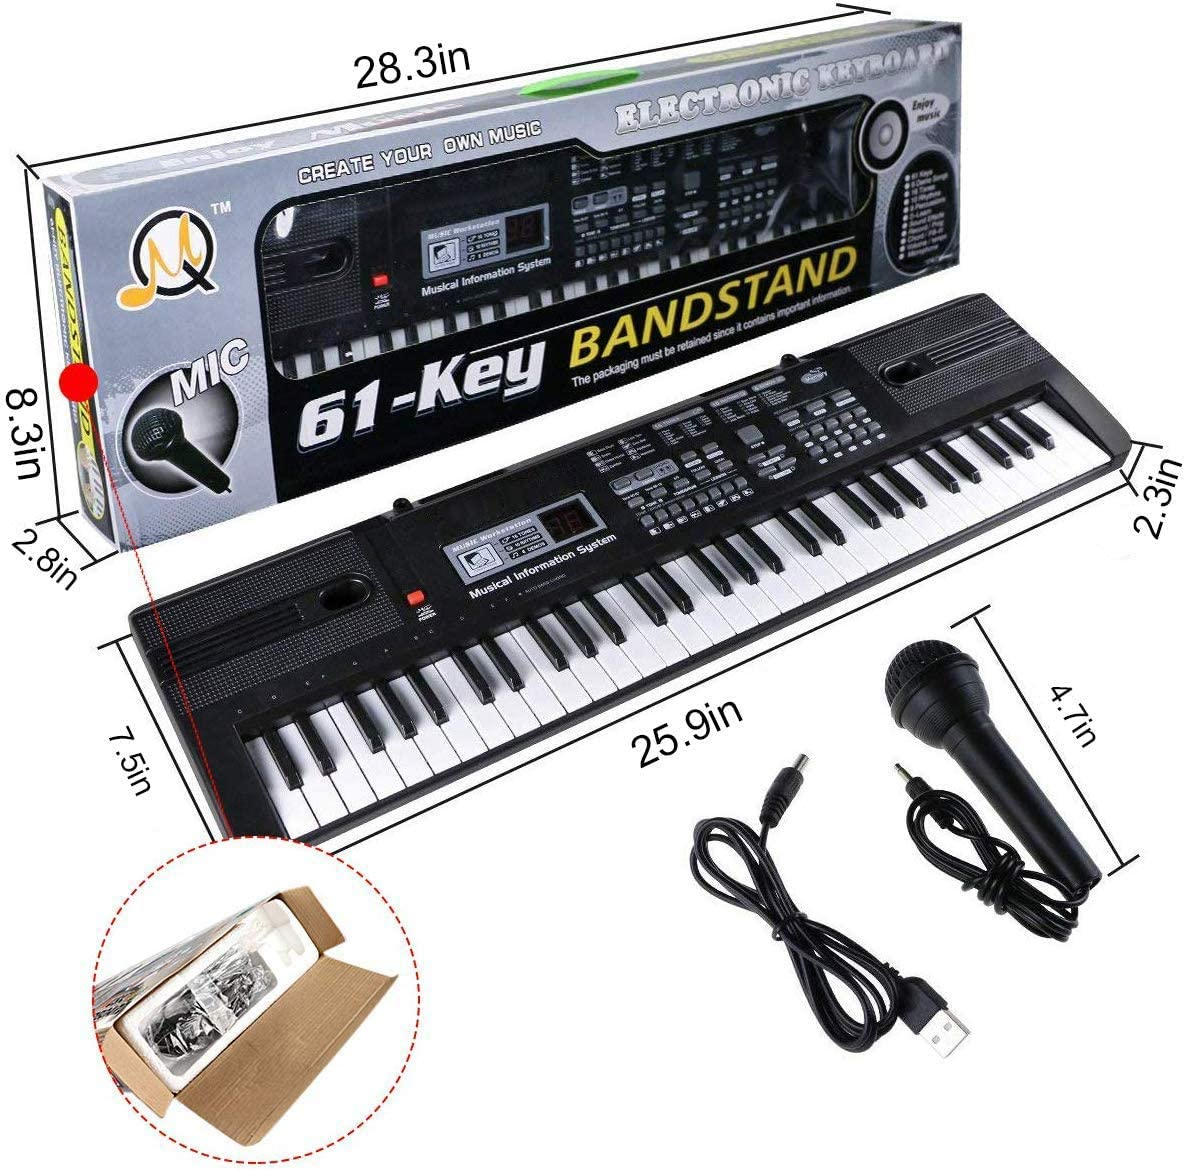 teclado con micr/ófono instrumento musical electr/ónico port/átil para ni/ños Teclado de piano de m/úsica digital de 61 teclas piano ni/ños y ni/ñas juguetes de regalo de Navidad para principiantes